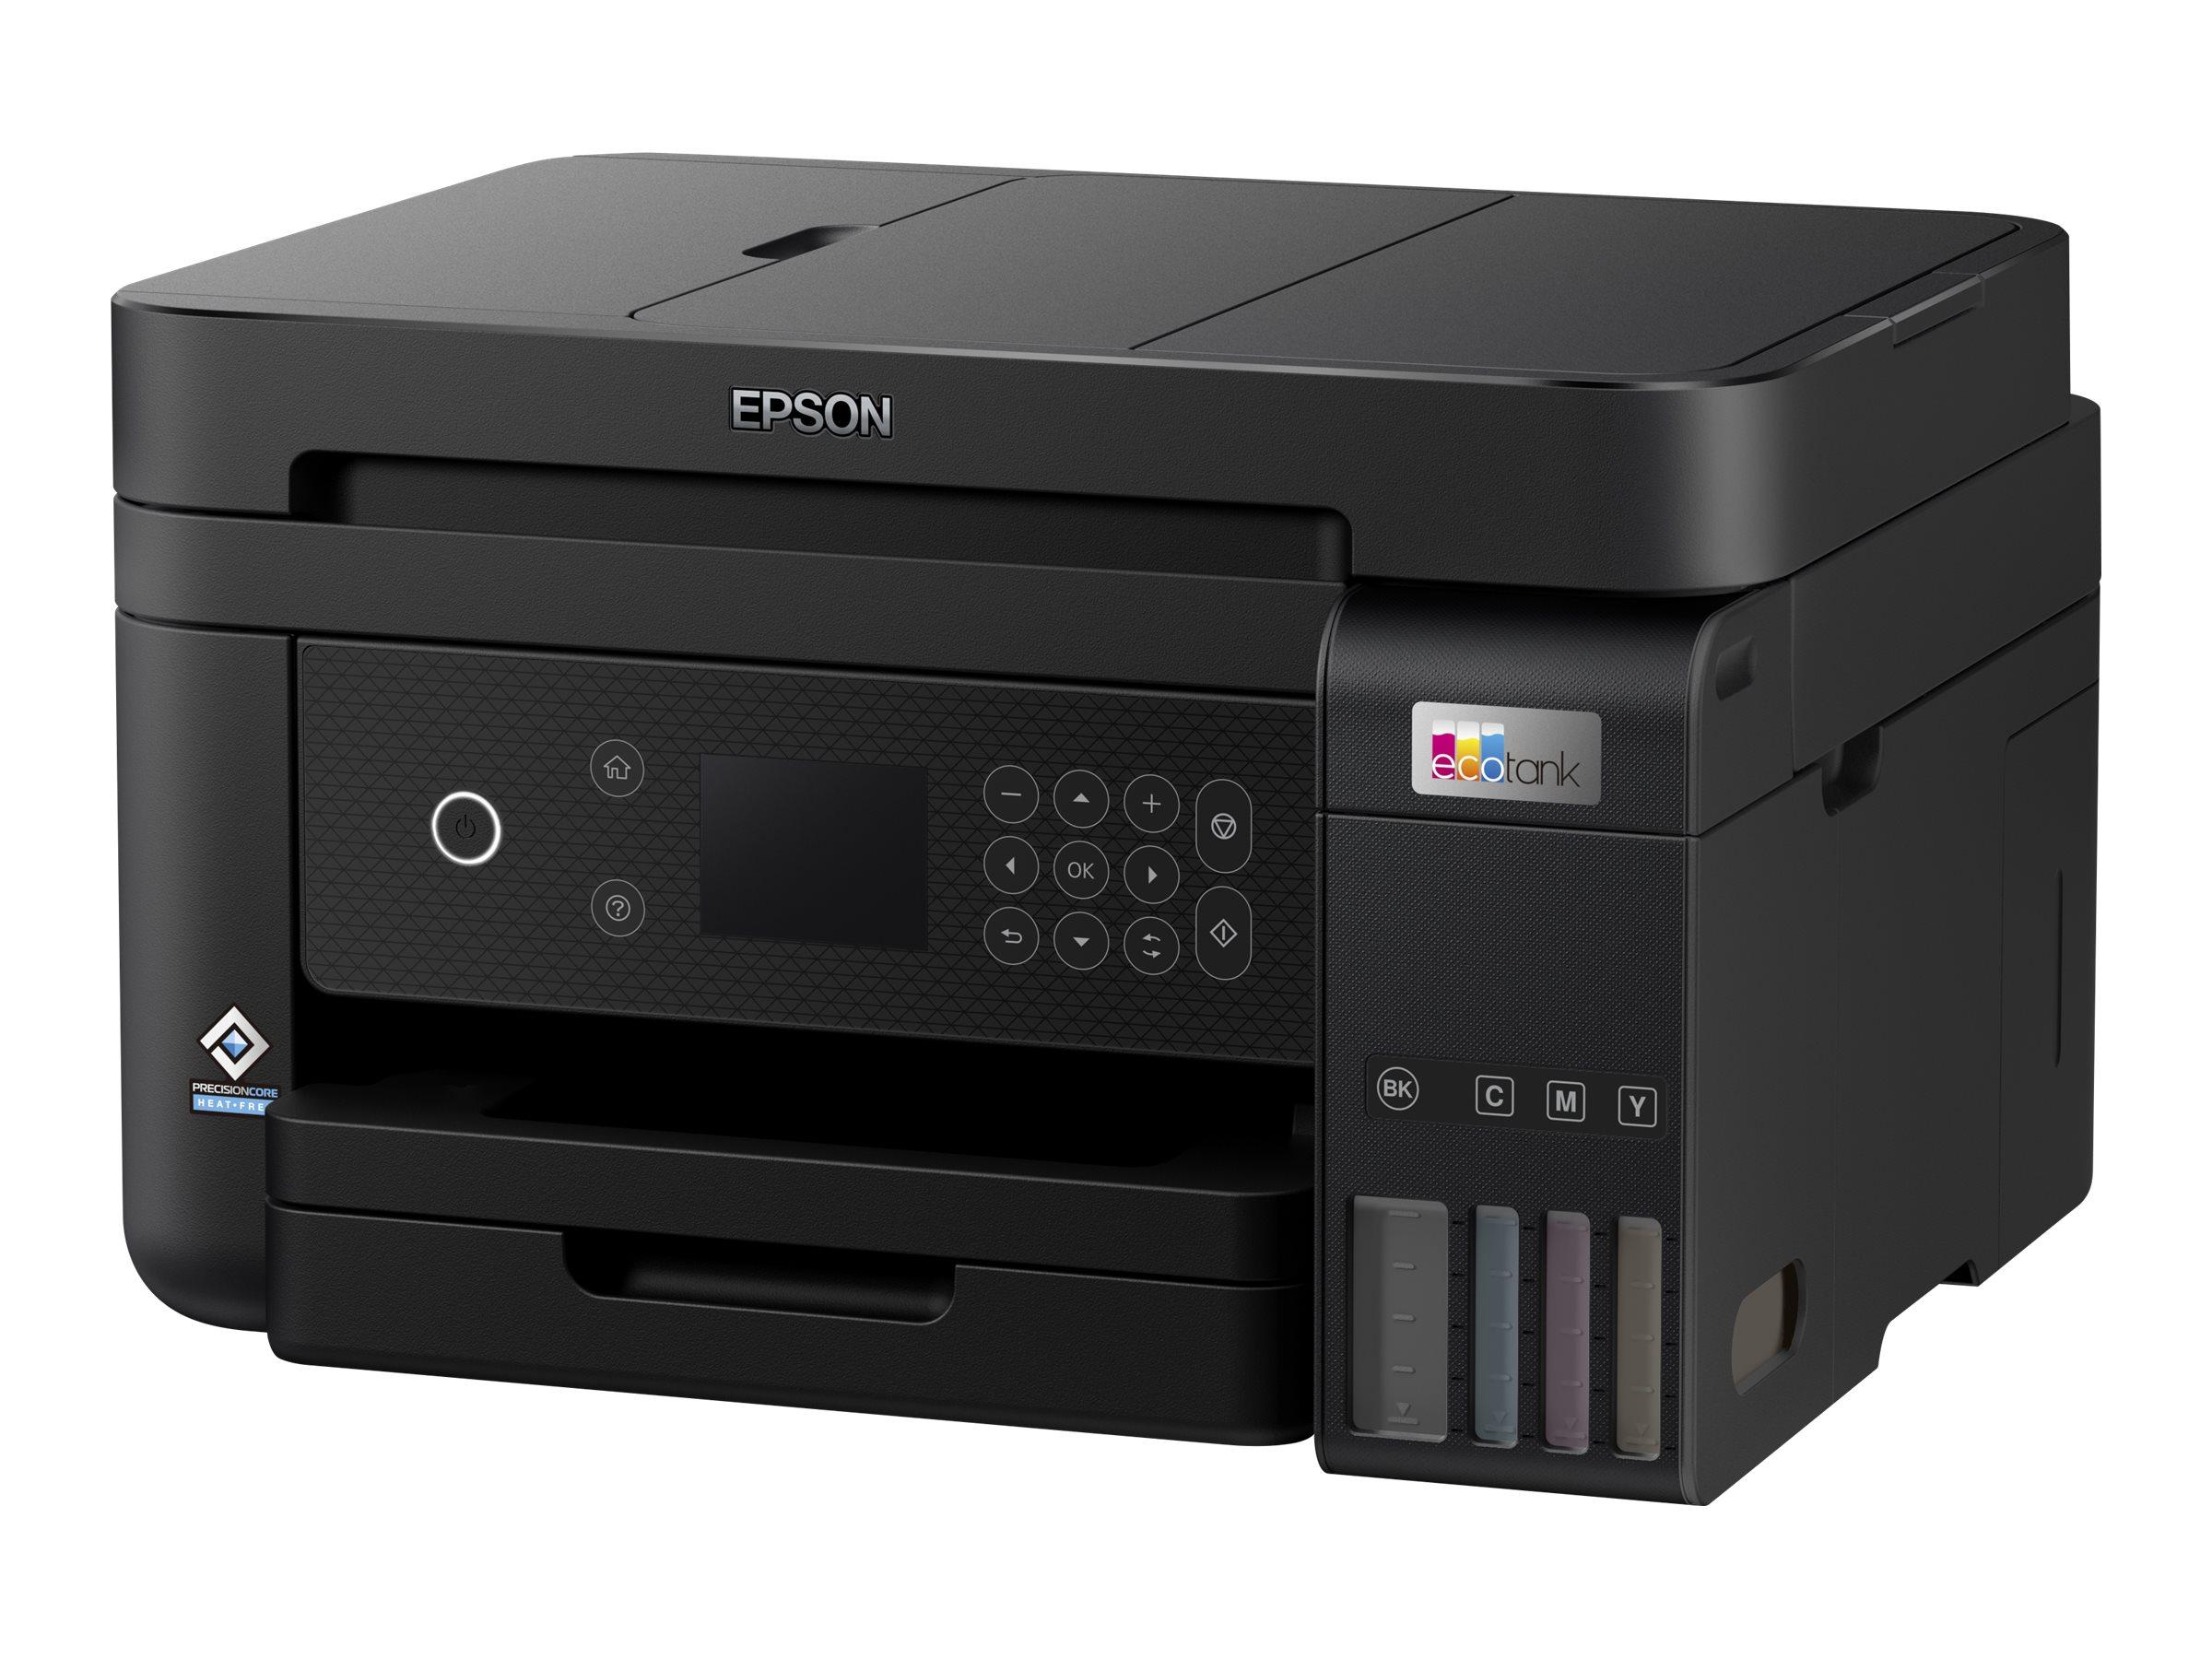 Epson EcoTank ET-3850 - Multifunktionsdrucker - Farbe - Tintenstrahl - A4/Legal (Medien) - bis zu 15.5 Seiten/Min. (Drucken)